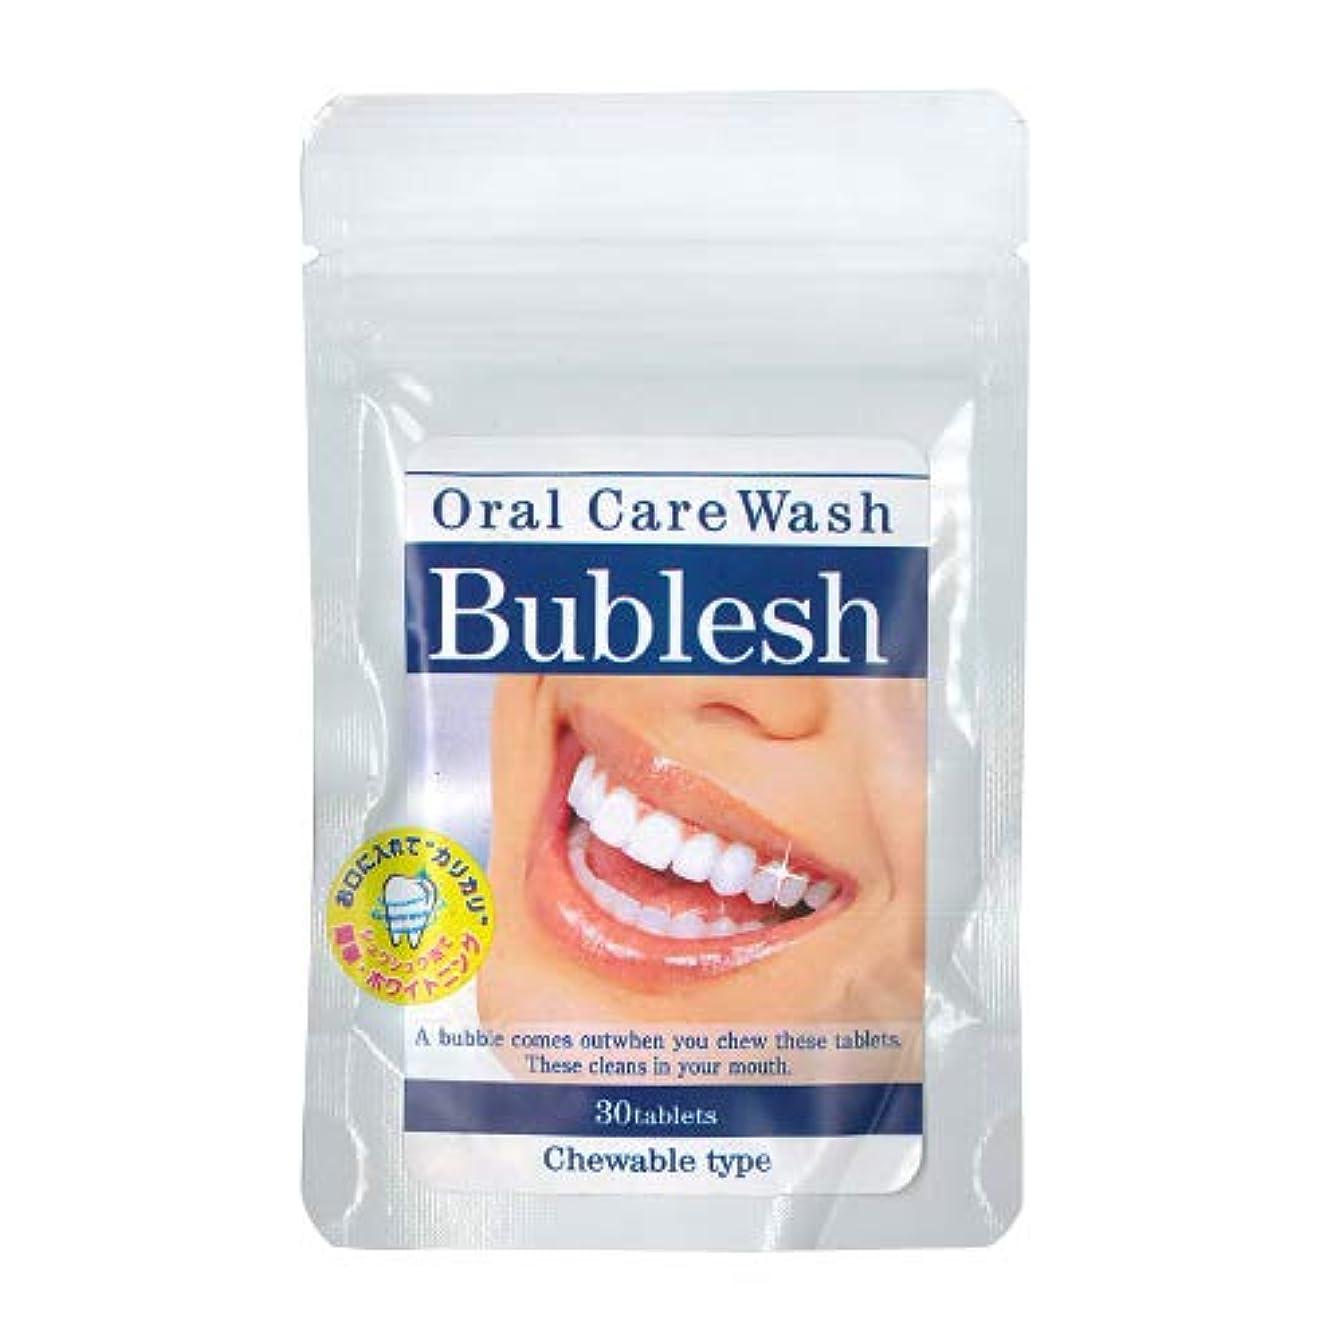 くまのどコミットオーラルケアウォッシュ バブレッシュ (Oral Care Wash Bublesh) 30粒